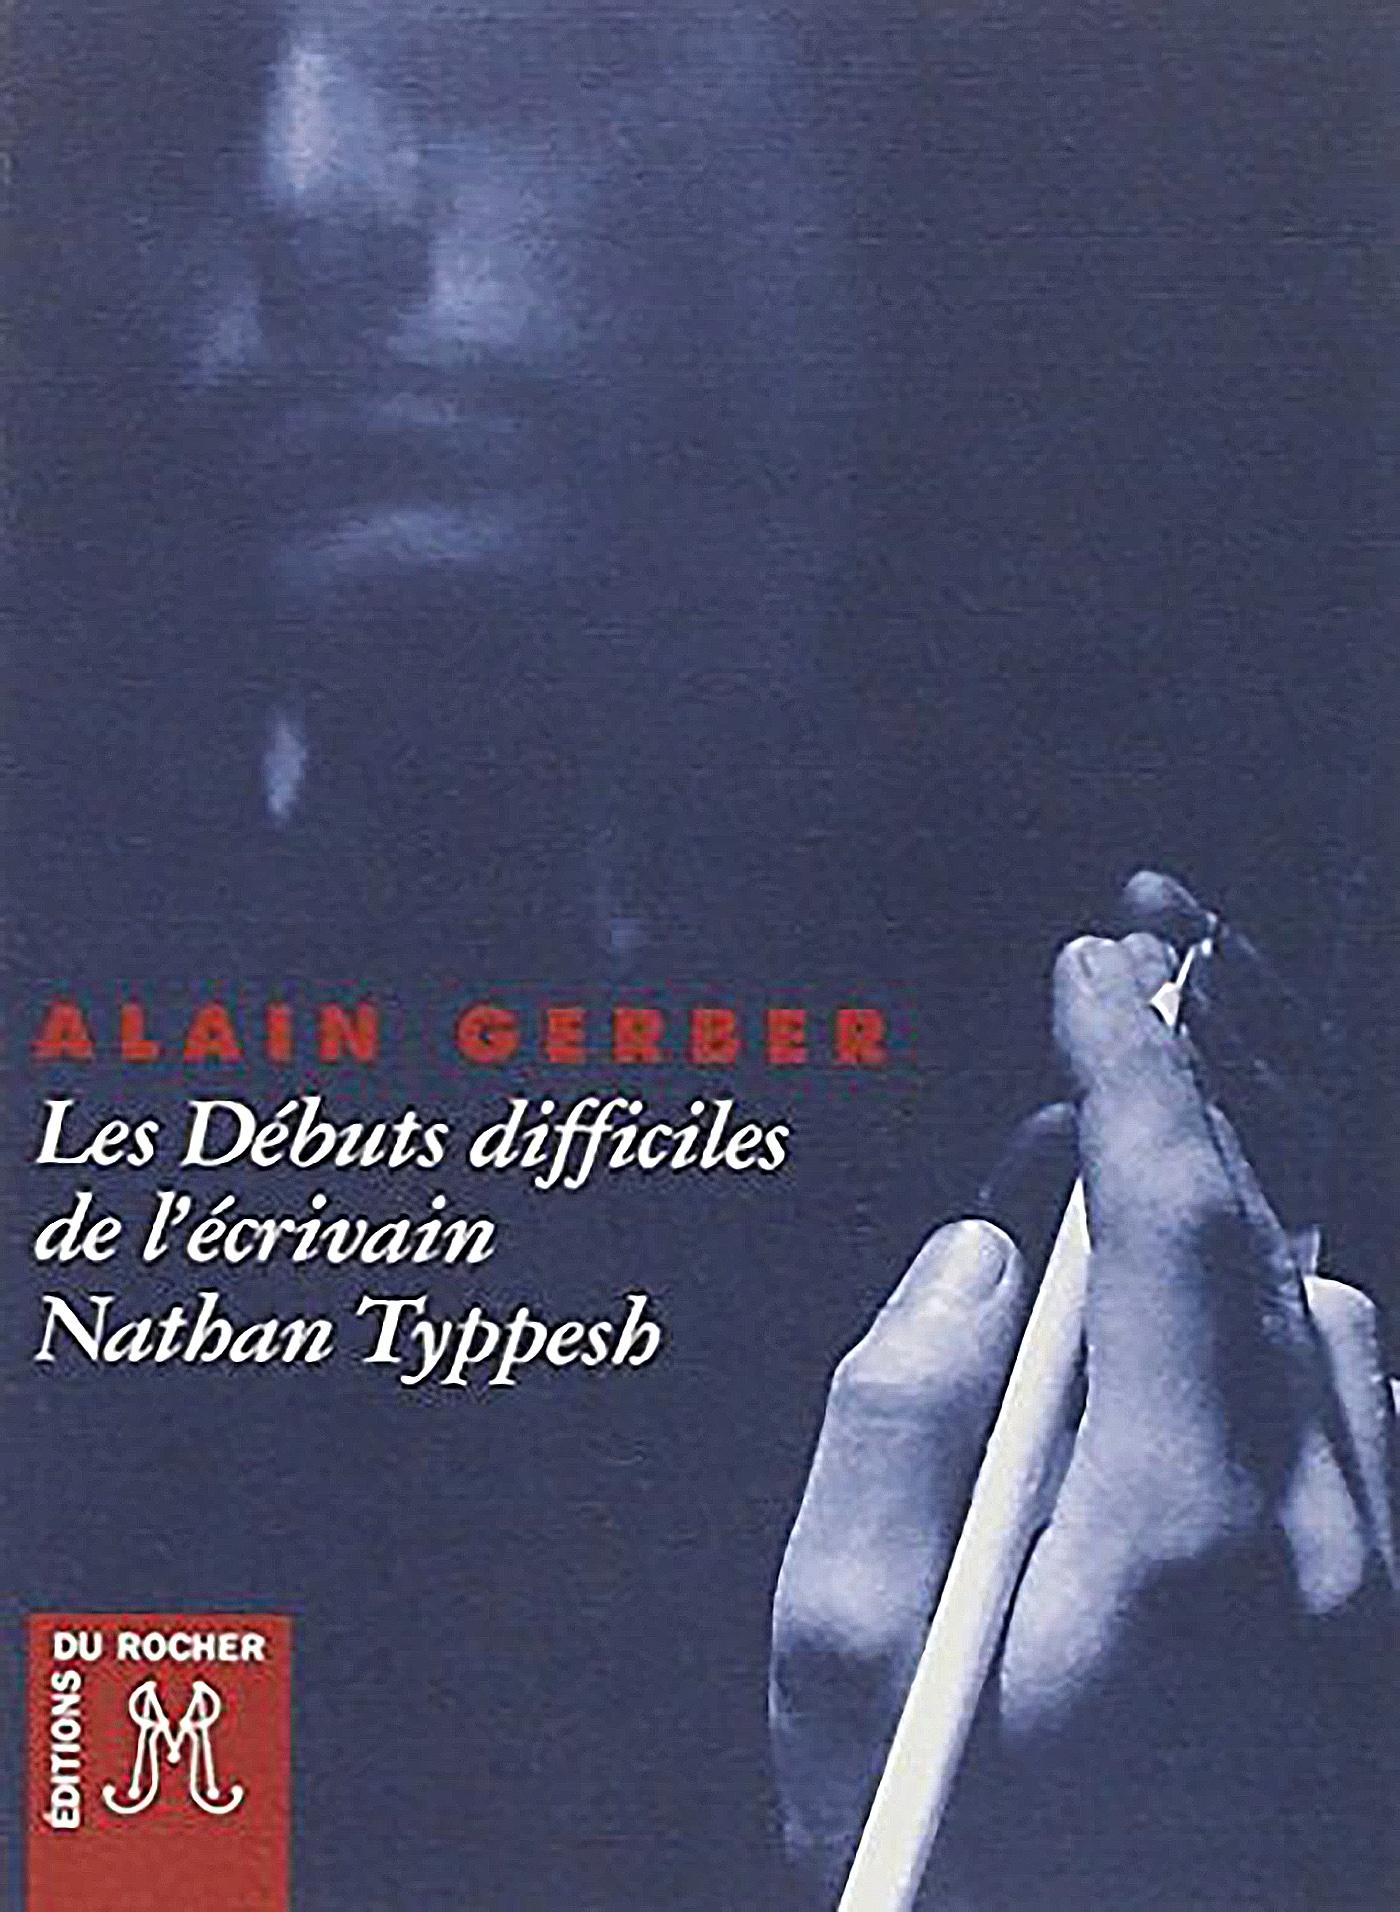 LES DEBUTS DIFFICILES DE L'ECRIVAIN NATHAN TYPPESH